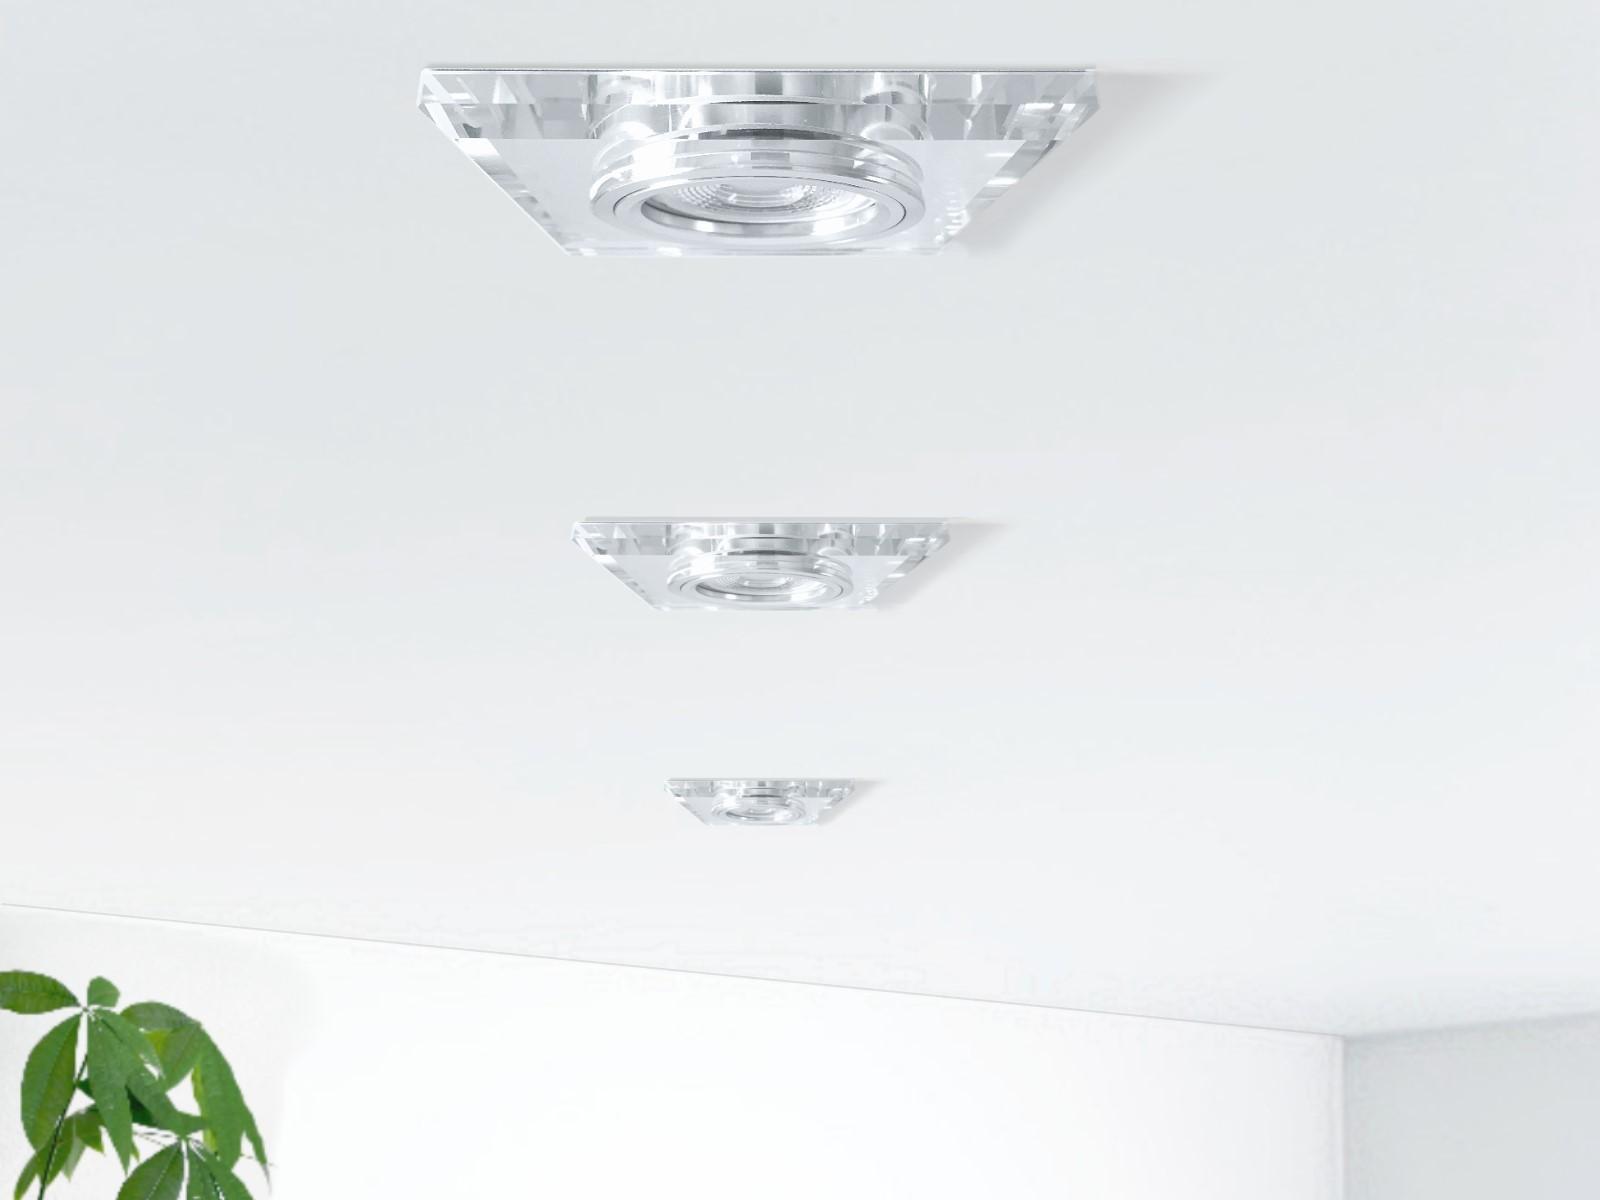 flacher design einbaustrahler aus glas quadratisch klar spiegelnd led modul 5w warmwei 230v. Black Bedroom Furniture Sets. Home Design Ideas